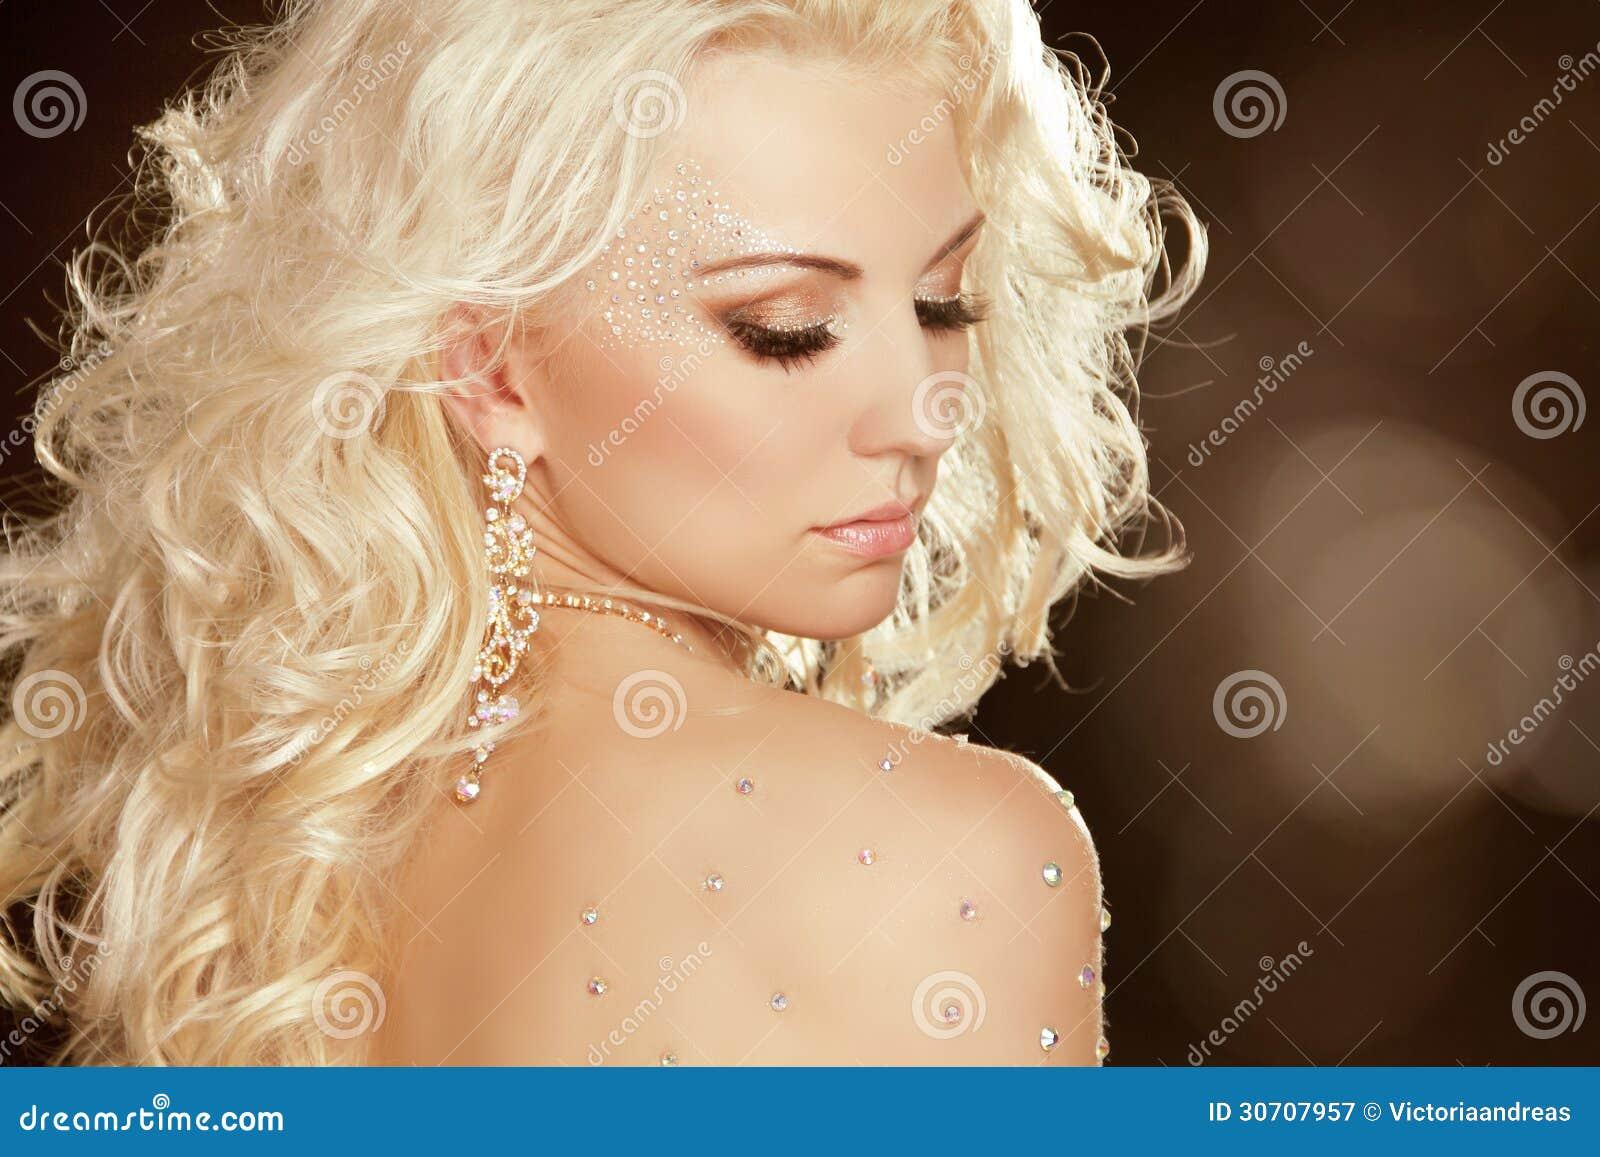 Fille de beauté avec les cheveux bouclés blonds. Mode Art Woman Portrait